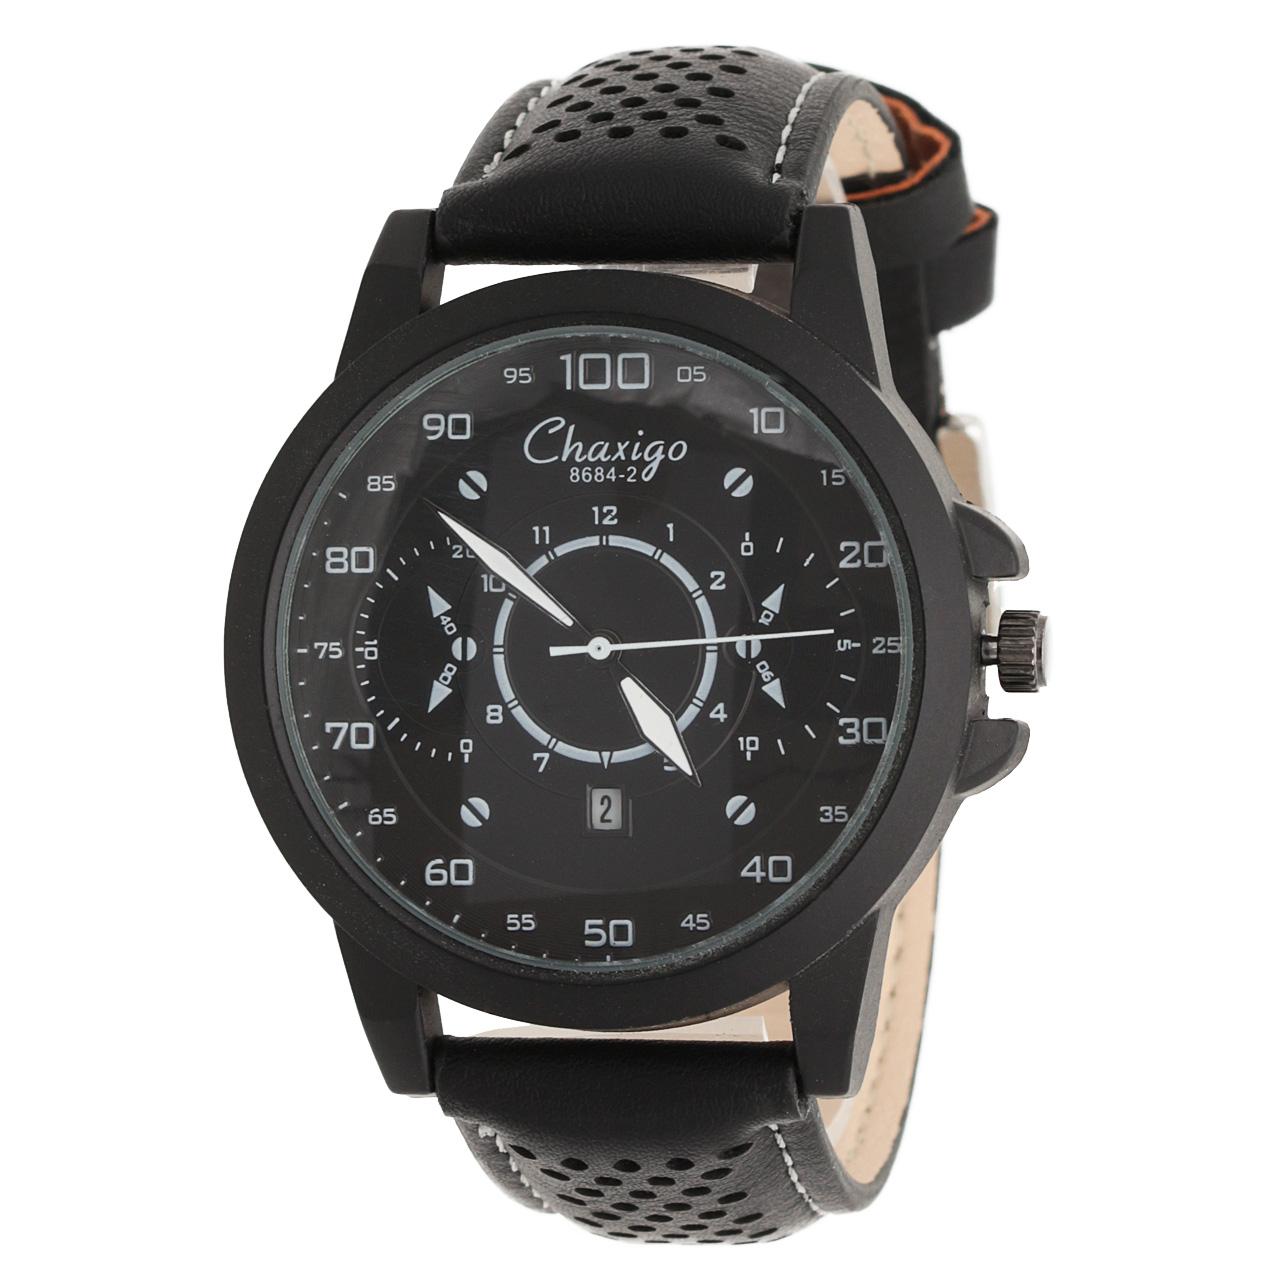 ساعت مچی عقربهای چاکسیگو مدل CH1321 26